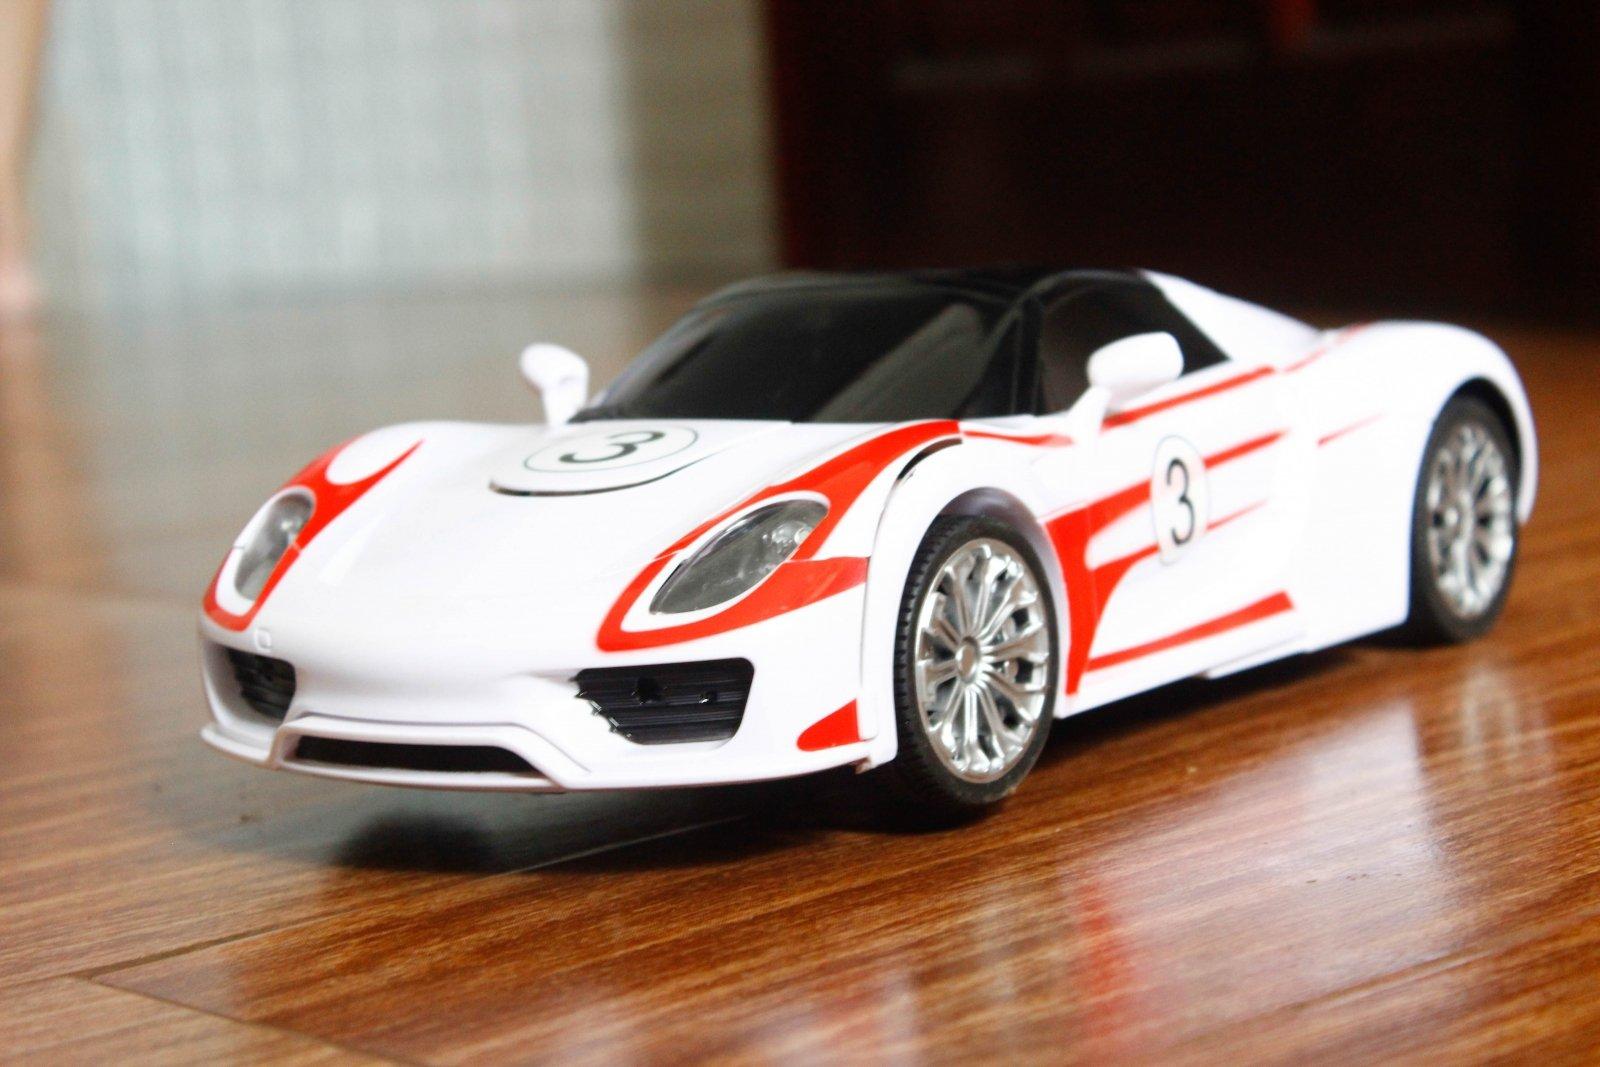 giá bán xe robot biến hình rẻ đẹp ở tphcm 0013